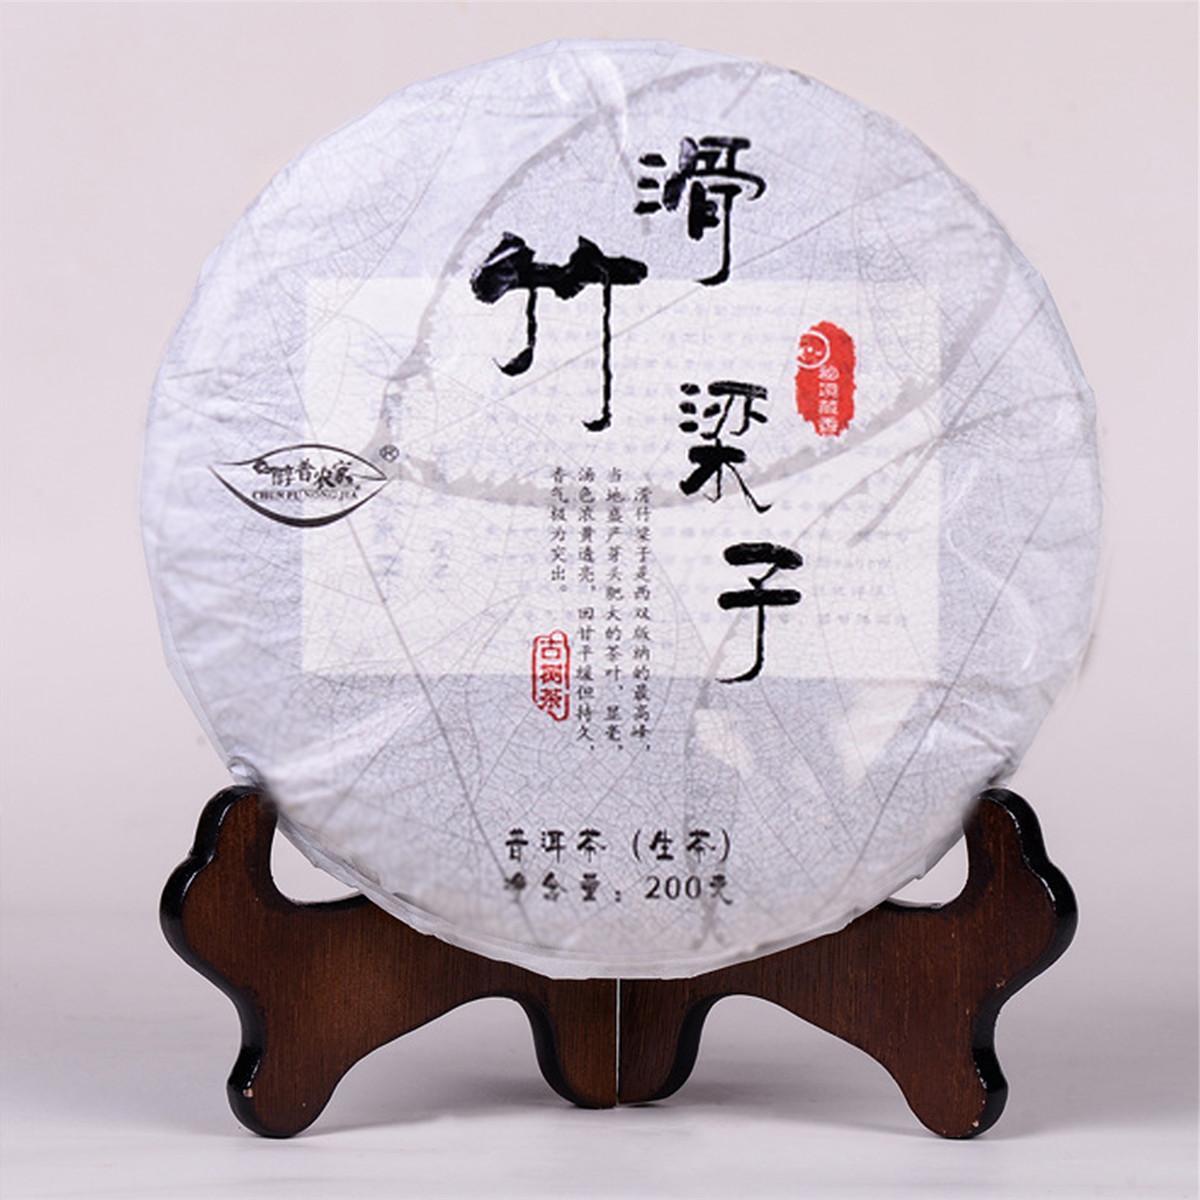 Preference 200g Yunnan Ancient Tree Mellow Pu'er Tea Cake Raw Puer Tea Organic Pu'er Old Tree Green Puer Natural Puerh Tea